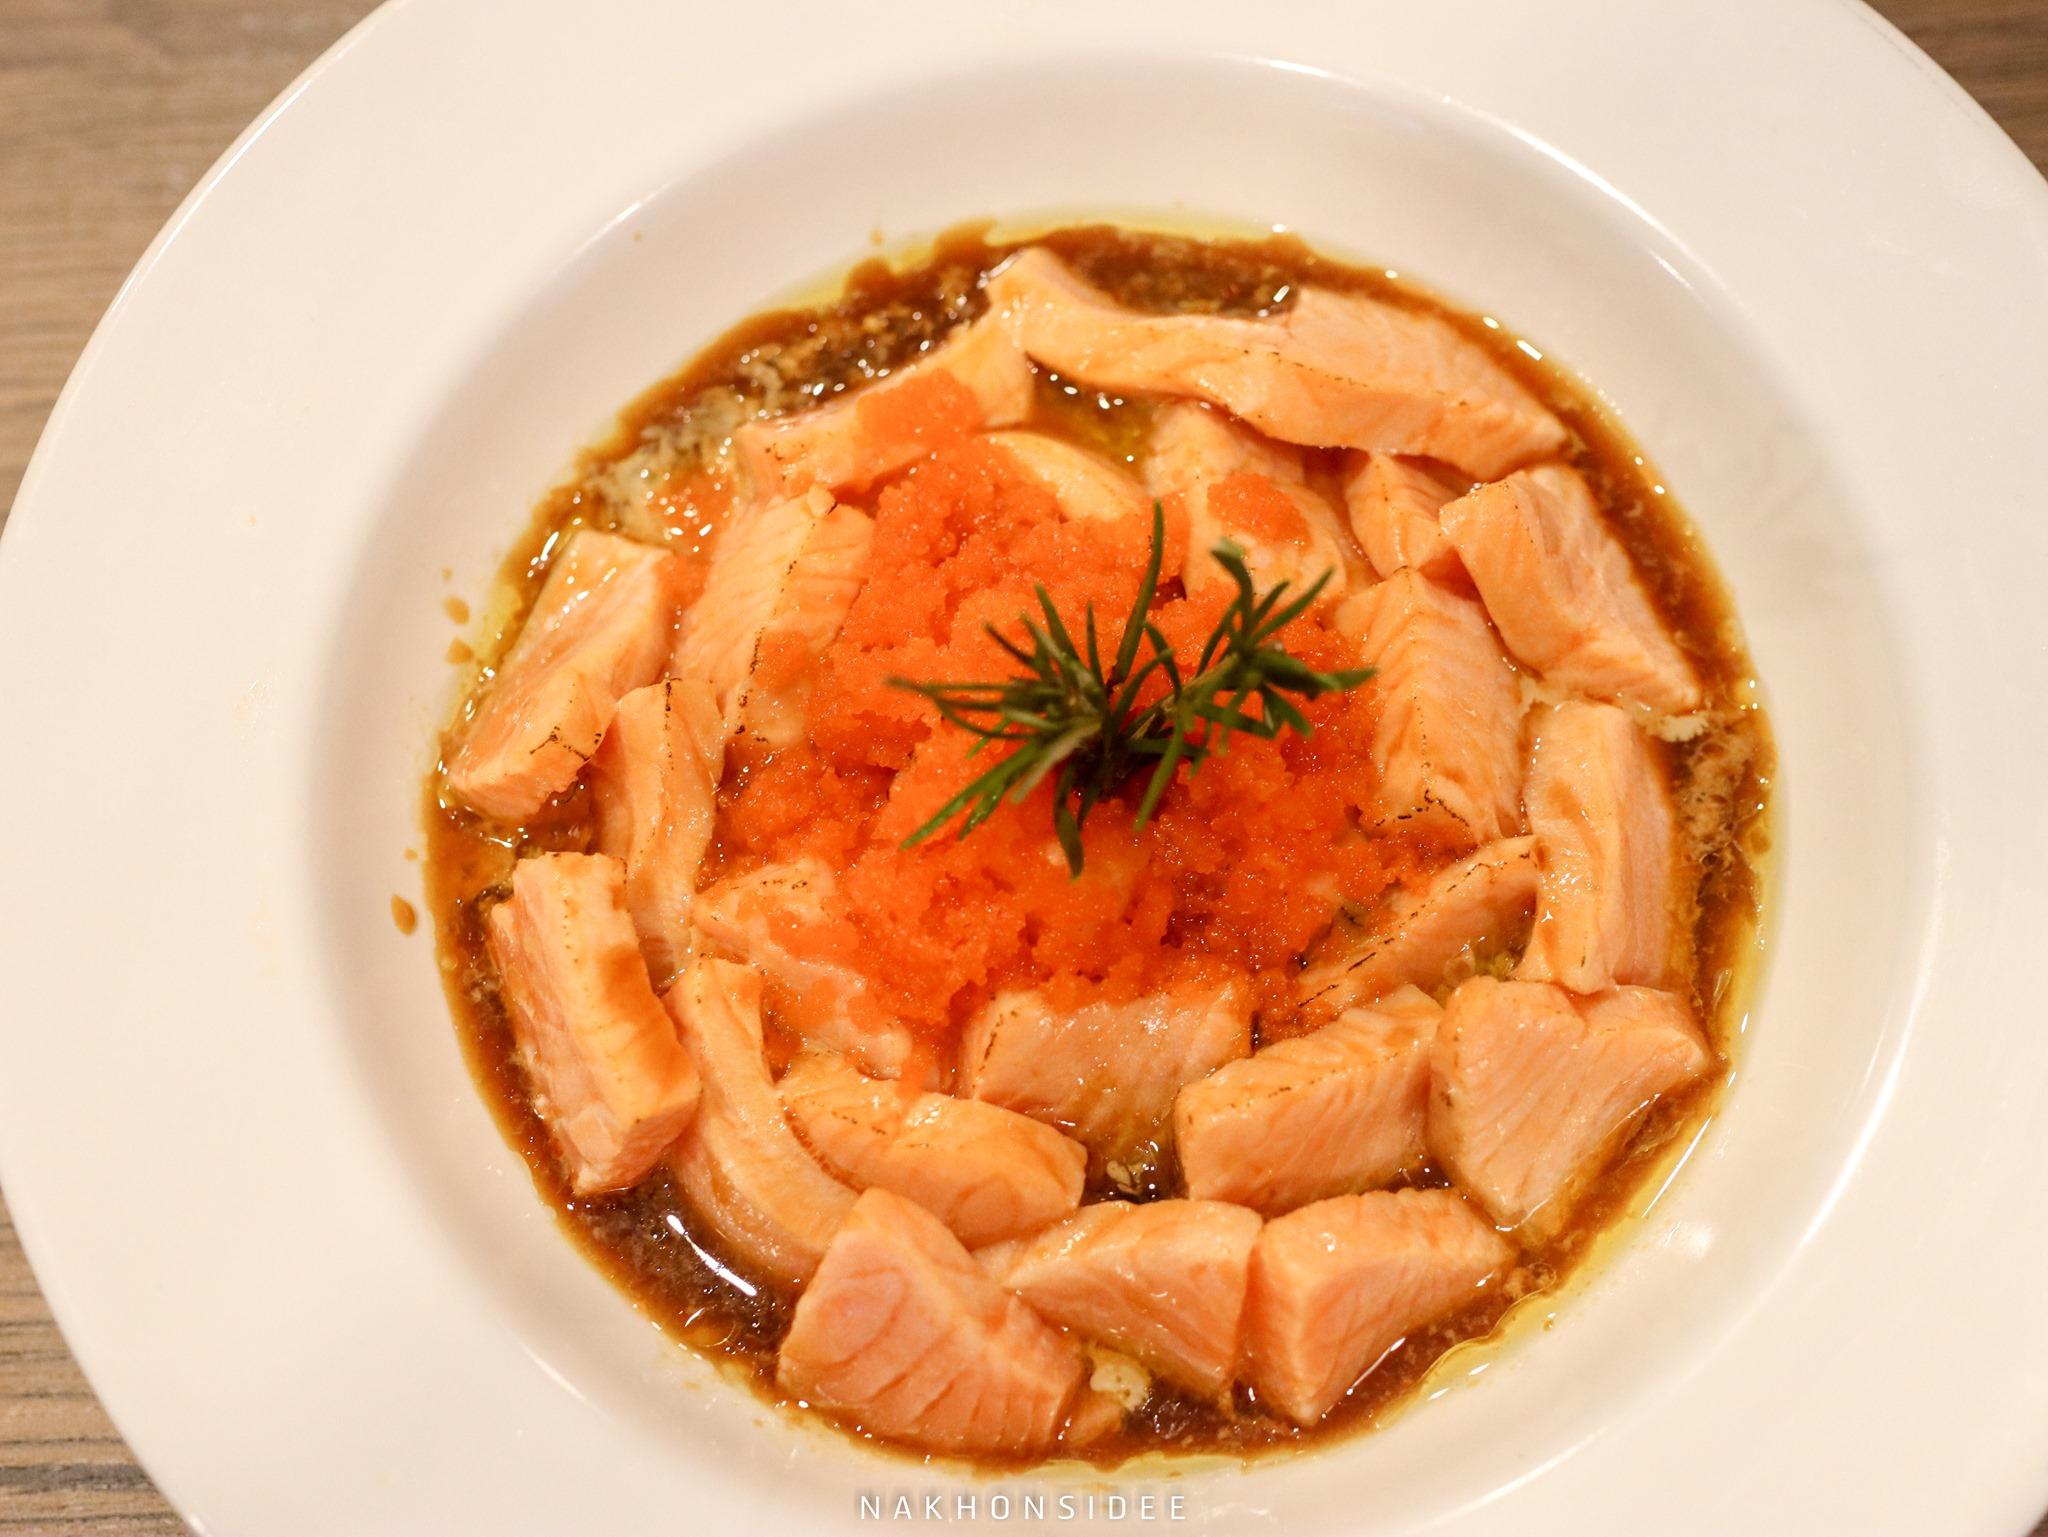 เมนูแซลม่อน-สดๆเลยย อาหาร,เครื่องดื่ม,เกาหลี,ญี่ปุ่น,อาหารไทย,ฝรั่ง,คาเฟ่,นครศรีธรรมราช